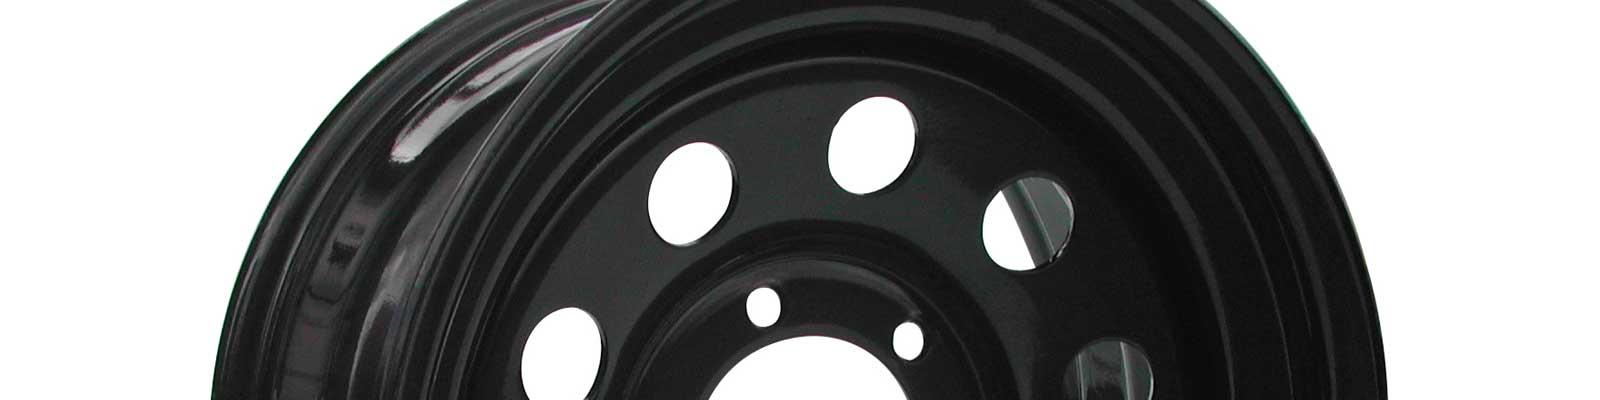 Steel Wheels UK | Custom Steel Wheels UK